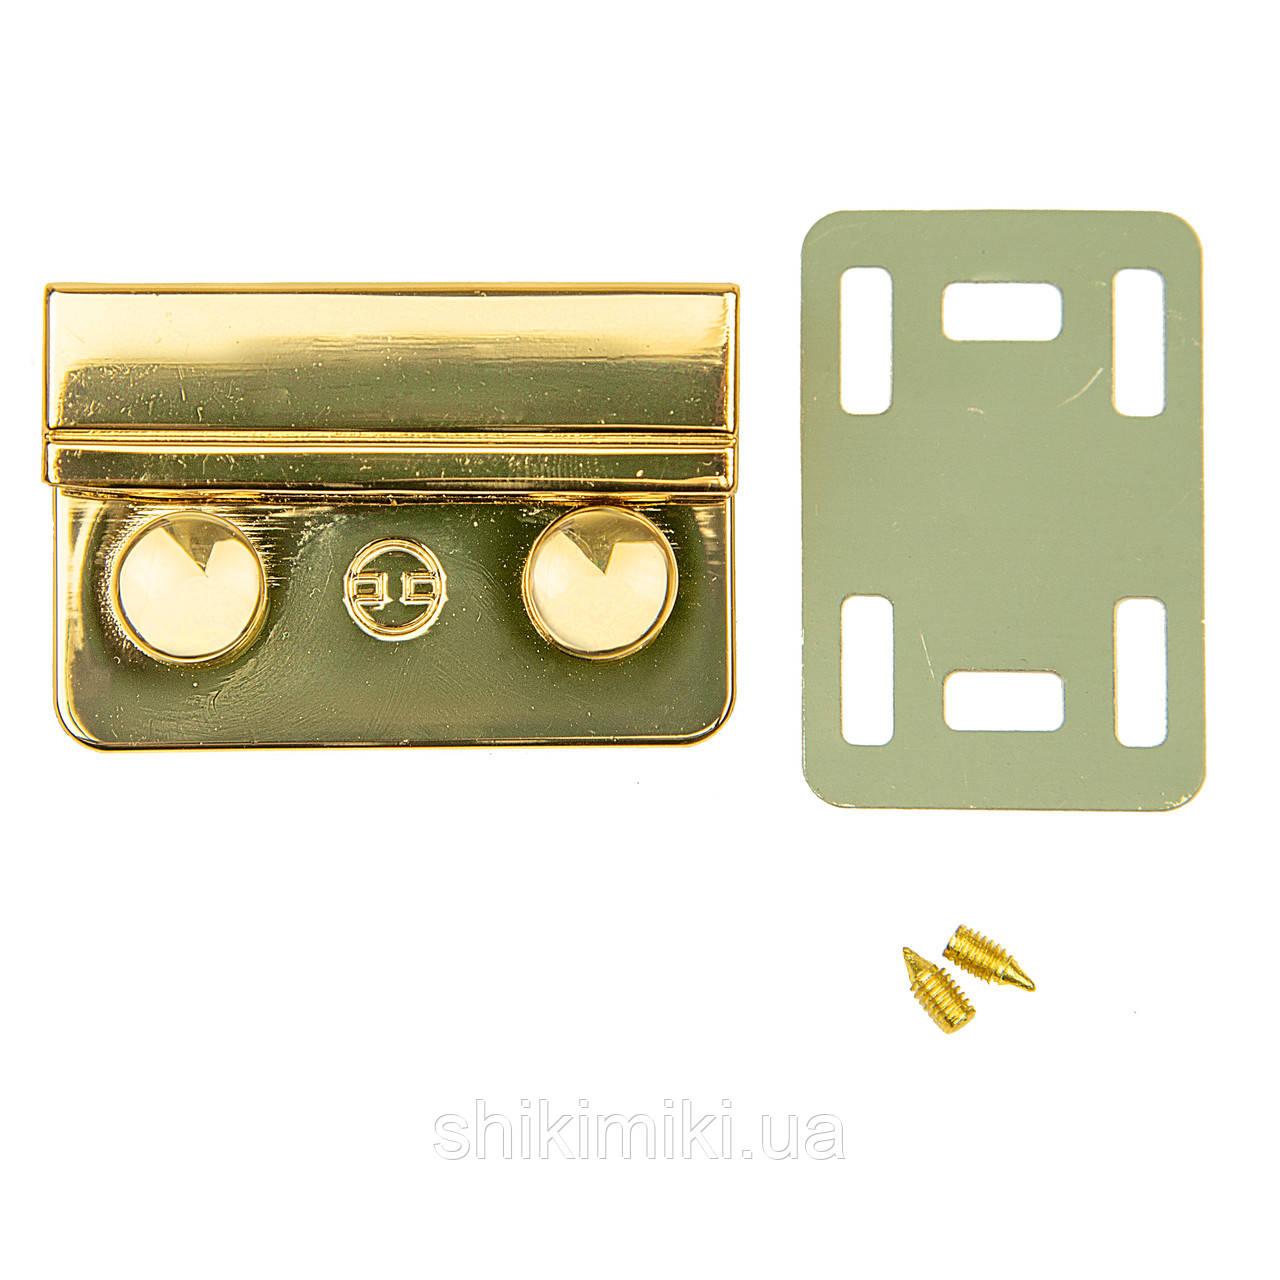 Замок для сумки (с защелкой на кнопках) ZM27-3, цвет золото